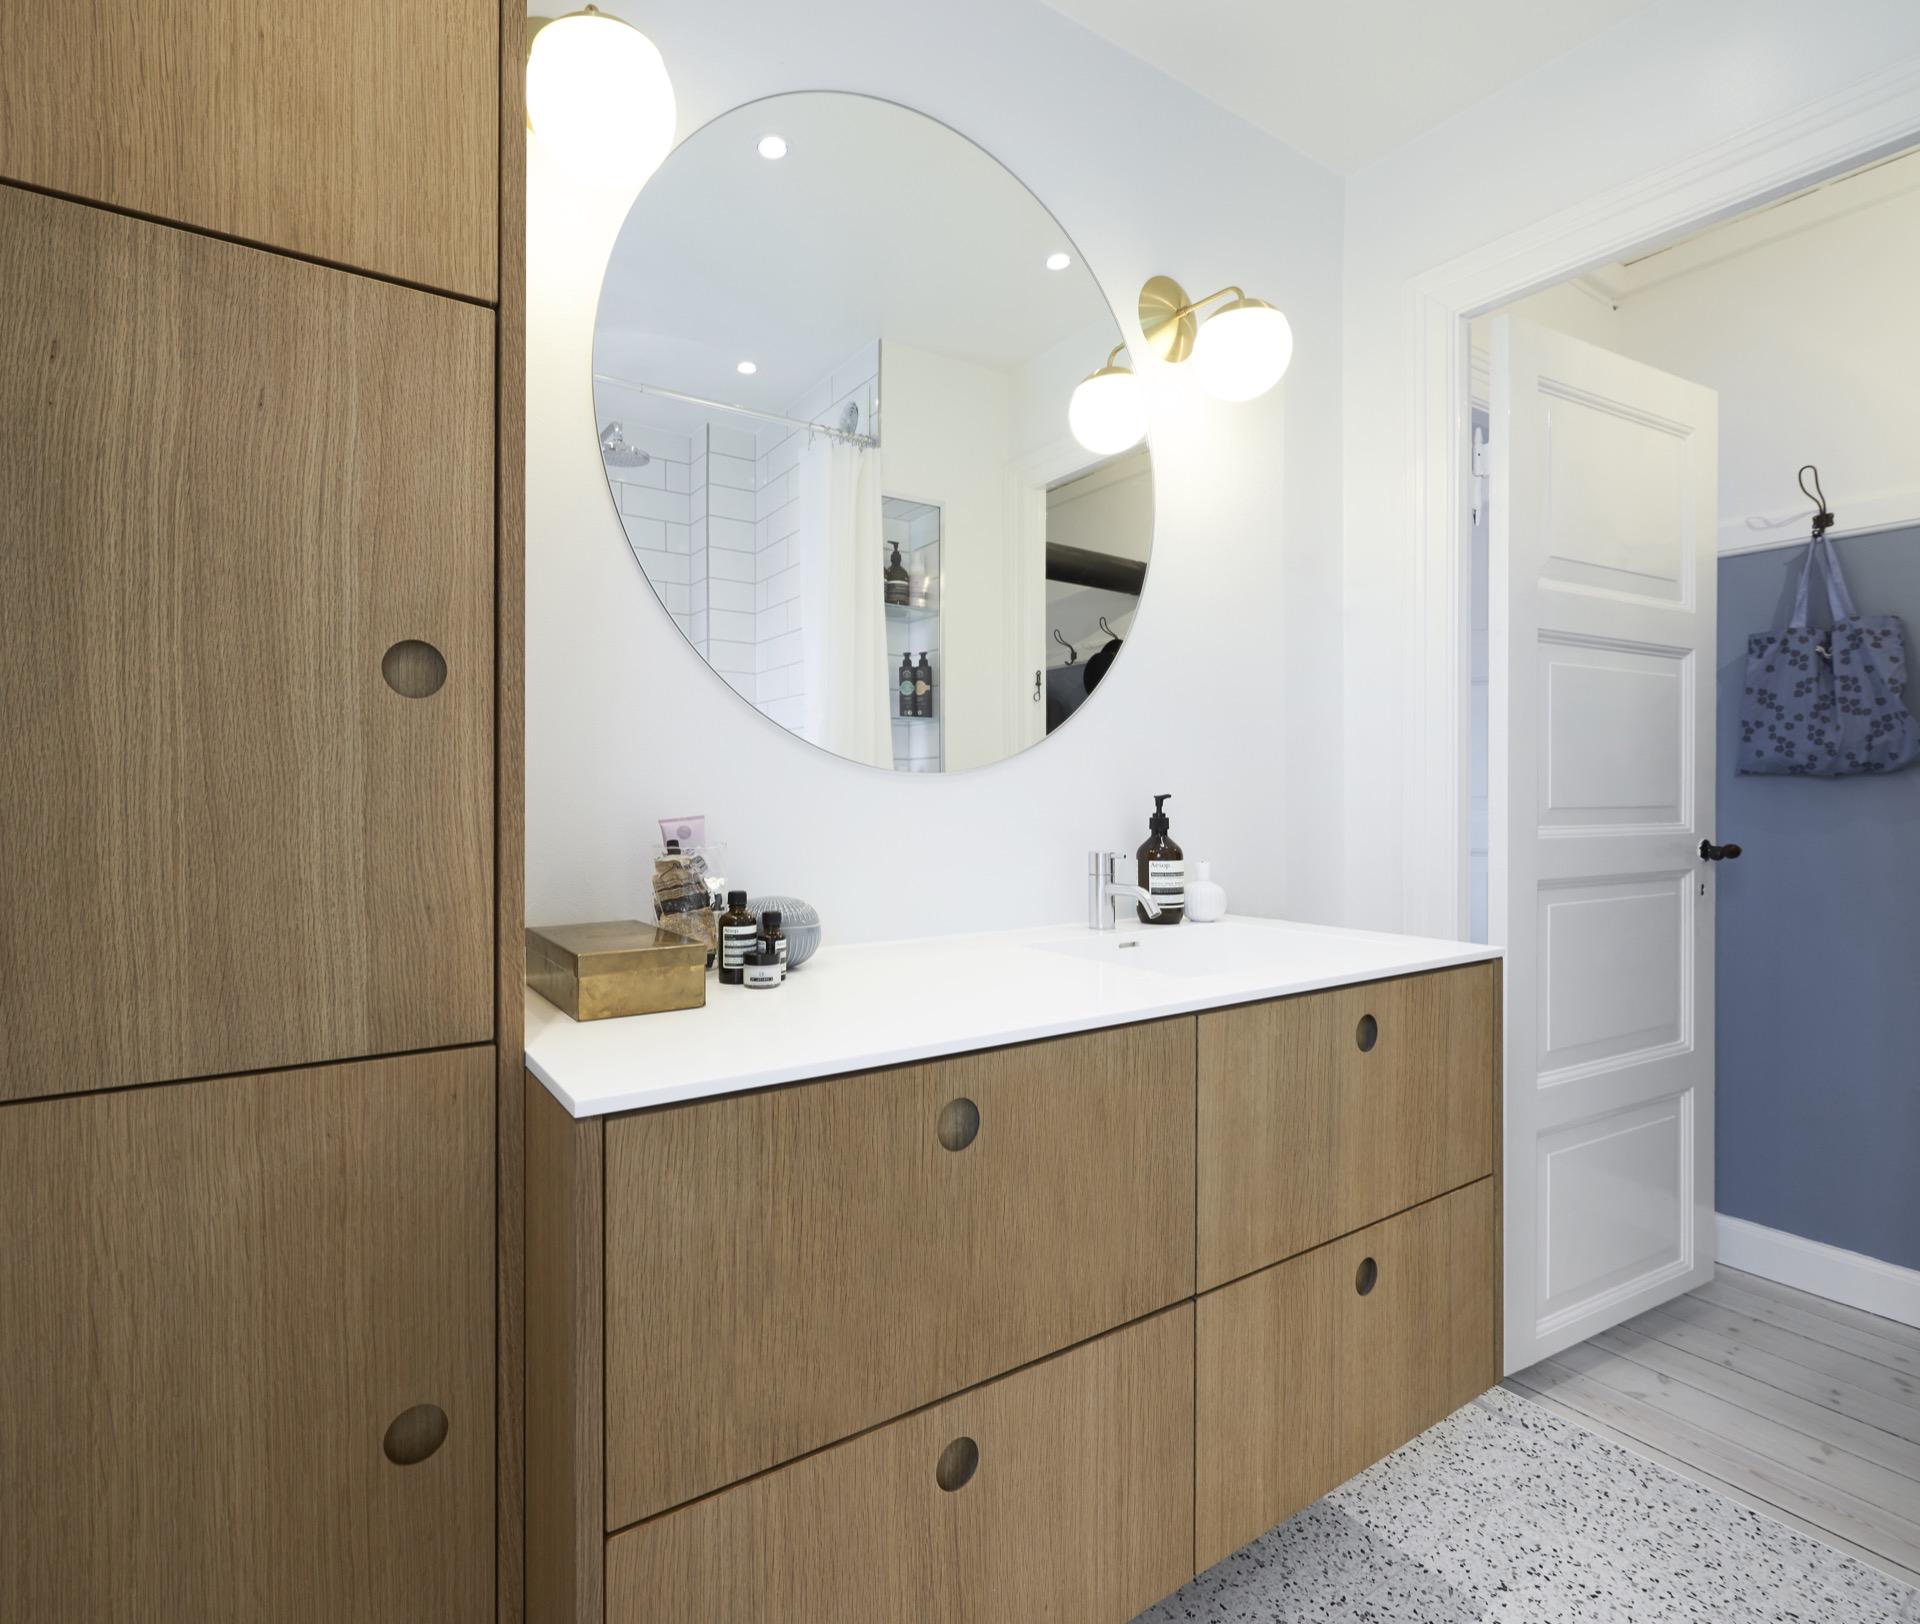 ikea badeværelse Fronter til badeværelse   Reform hjælp ikea badeværelse